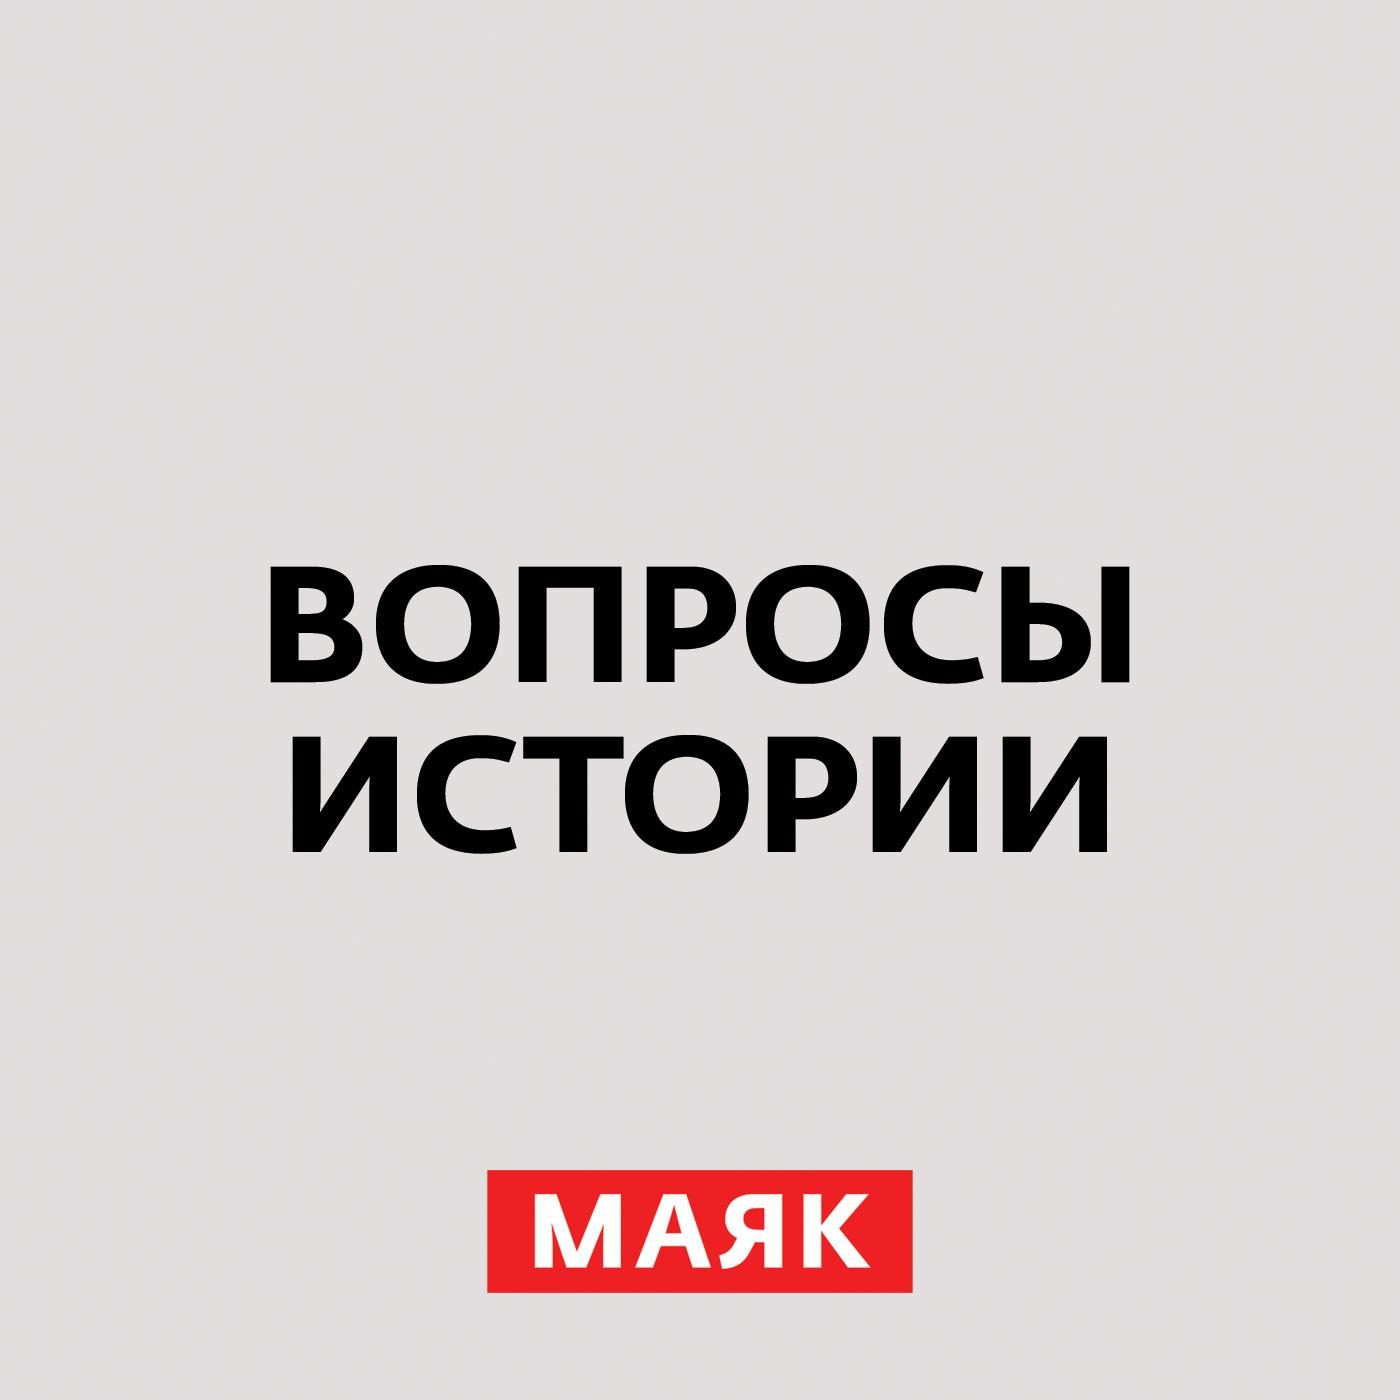 Андрей Светенко Брусиловский прорыв как ярчайшее проявление русского военного духа. Часть 2 крол г корректировщик остановить прорыв